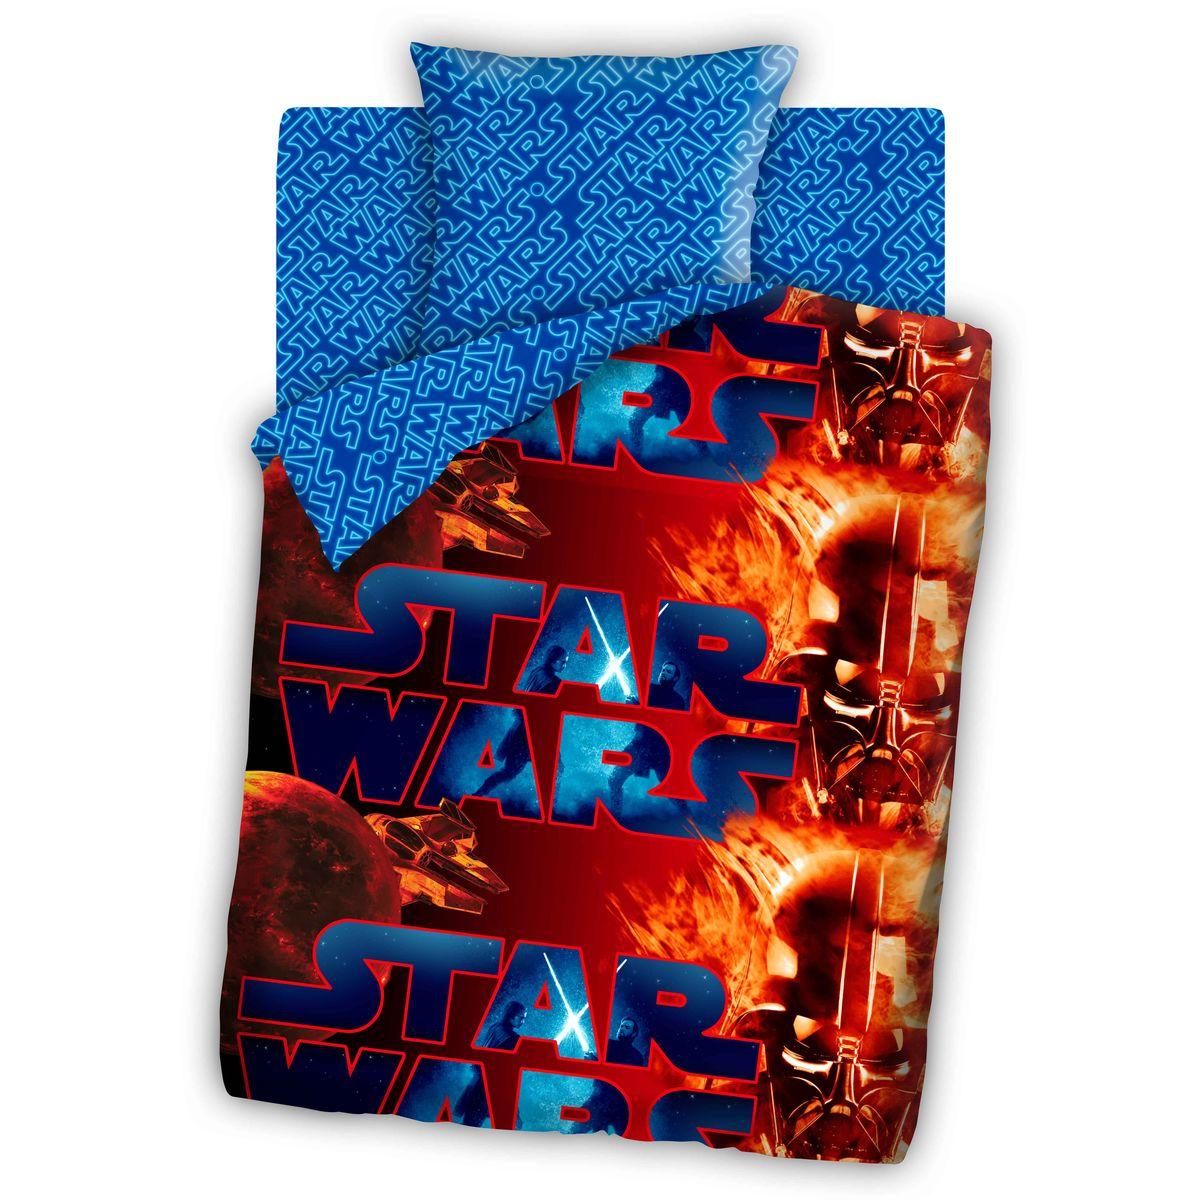 Star Wars Комплект детского постельного белья Дарт Вейдер (1,5-спальный КПБ, бязь, наволочка 70х70)293374Комплект постельного белья Star Wars Дарт Вейдер, 1,5-спальный, состоящий из наволочки, простыни и пододеяльника, выполнен из 100% хлопка и оформлен изображением героя саги Star Wars Дарта Вейдера. Это постельное белье абсолютно натуральное, гипоаллергенное, соответствует строжайшим экологическим нормам безопасности, комфортное, дышащее, не нарушает естественные процессы терморегуляции, прочное, не линяет, не деформируется и не теряет своих красок даже после многочисленных стирок, а также отличается хорошей износостойкостью. Такой комплект идеально подойдет для кровати вашего ребенка. На нем ваш малыш будет спать здоровым и крепким сном. В подарок к комплекту идет воблер с изображением героев Star Wars.